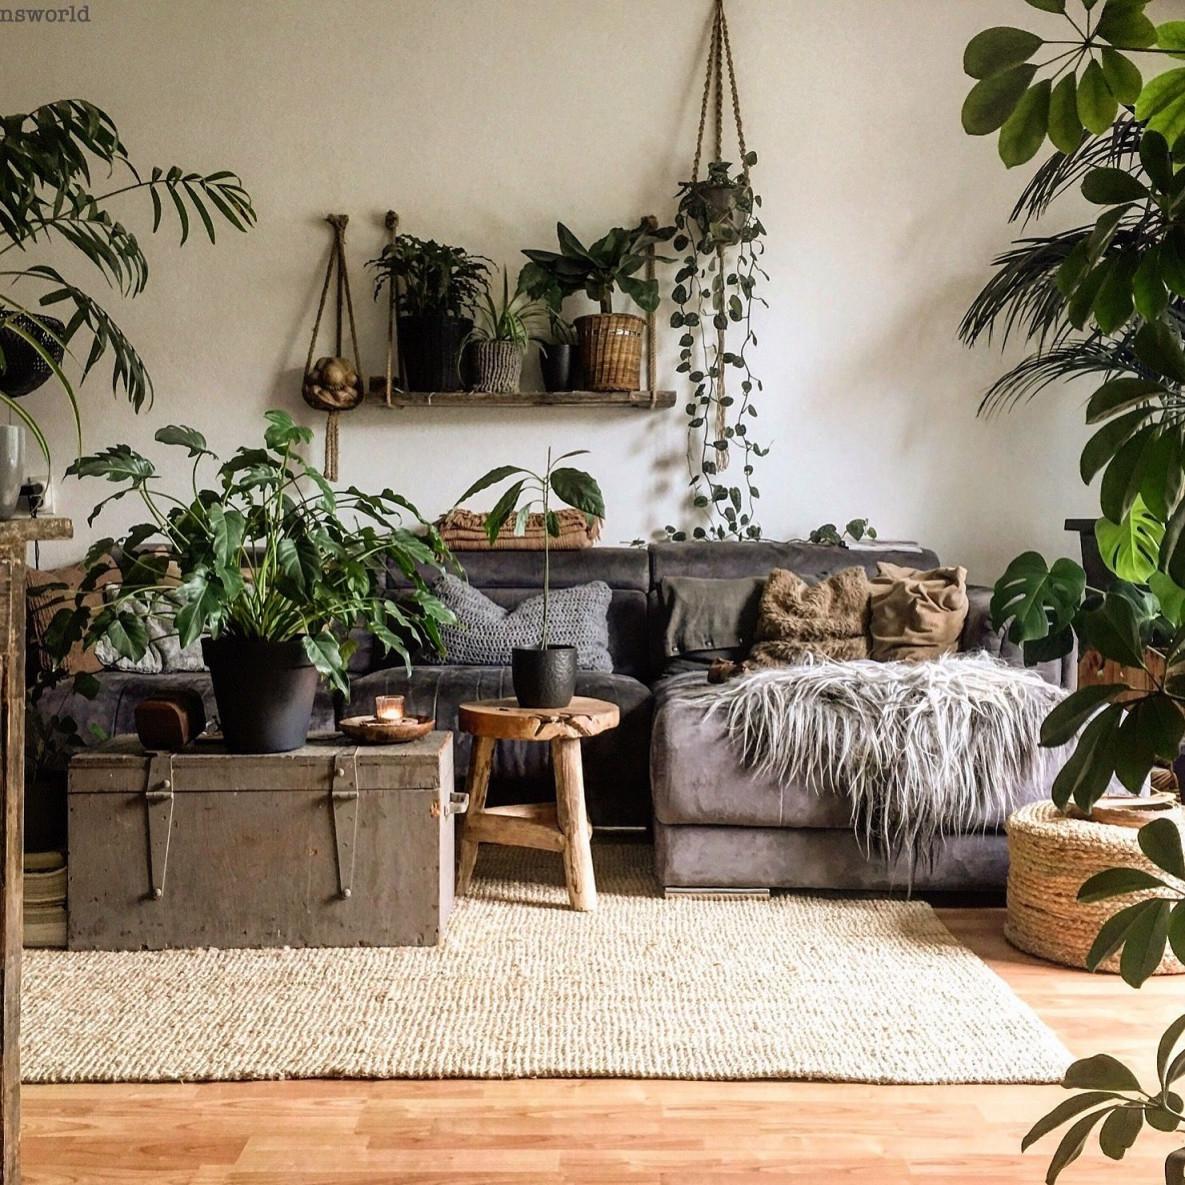 Dunsworld  Wohnzimmer Pflanzen Grüne Wohnzimmer von Wohnzimmer Mit Pflanzen Gestalten Photo